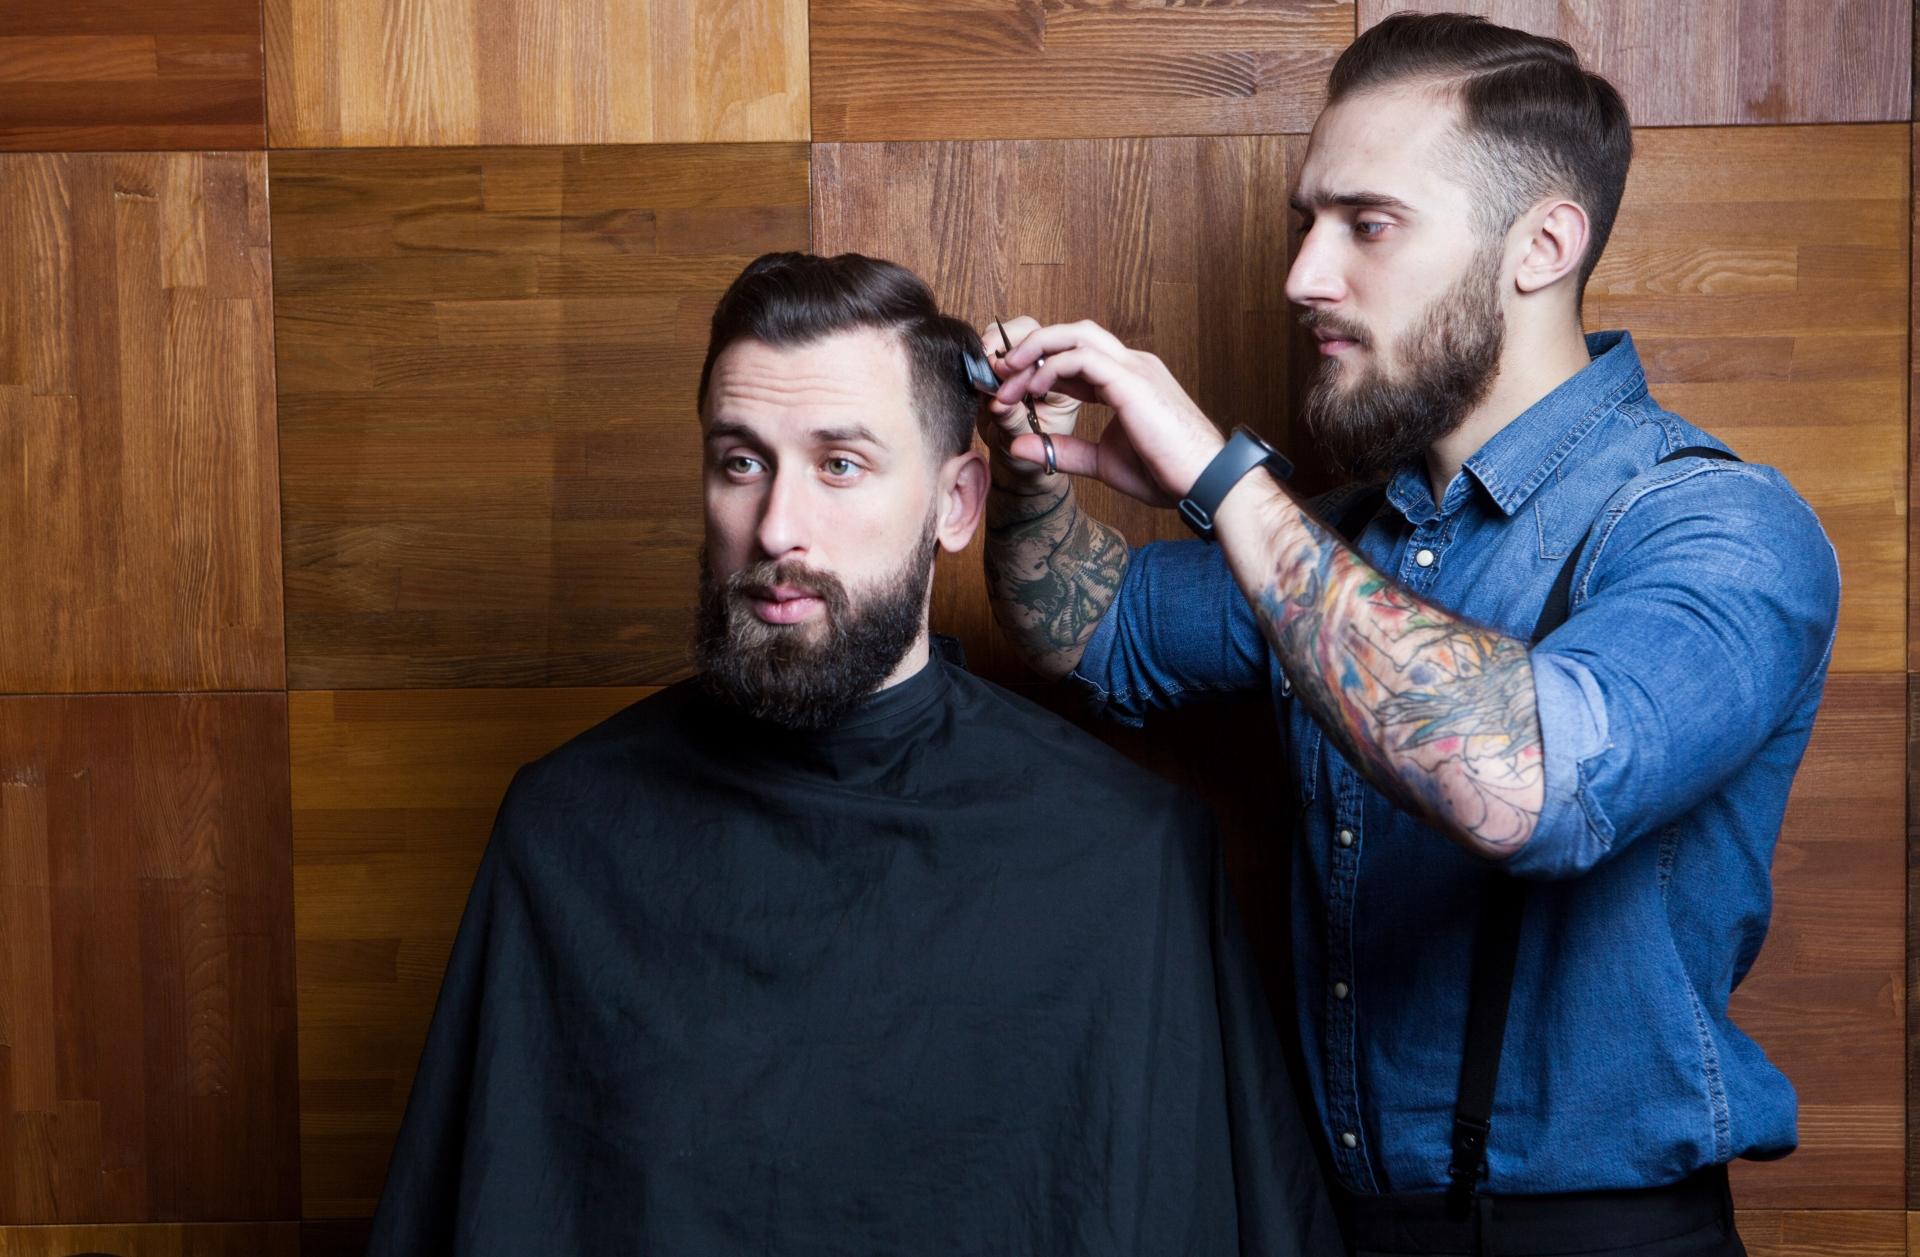 美容師に髪を切られる男性